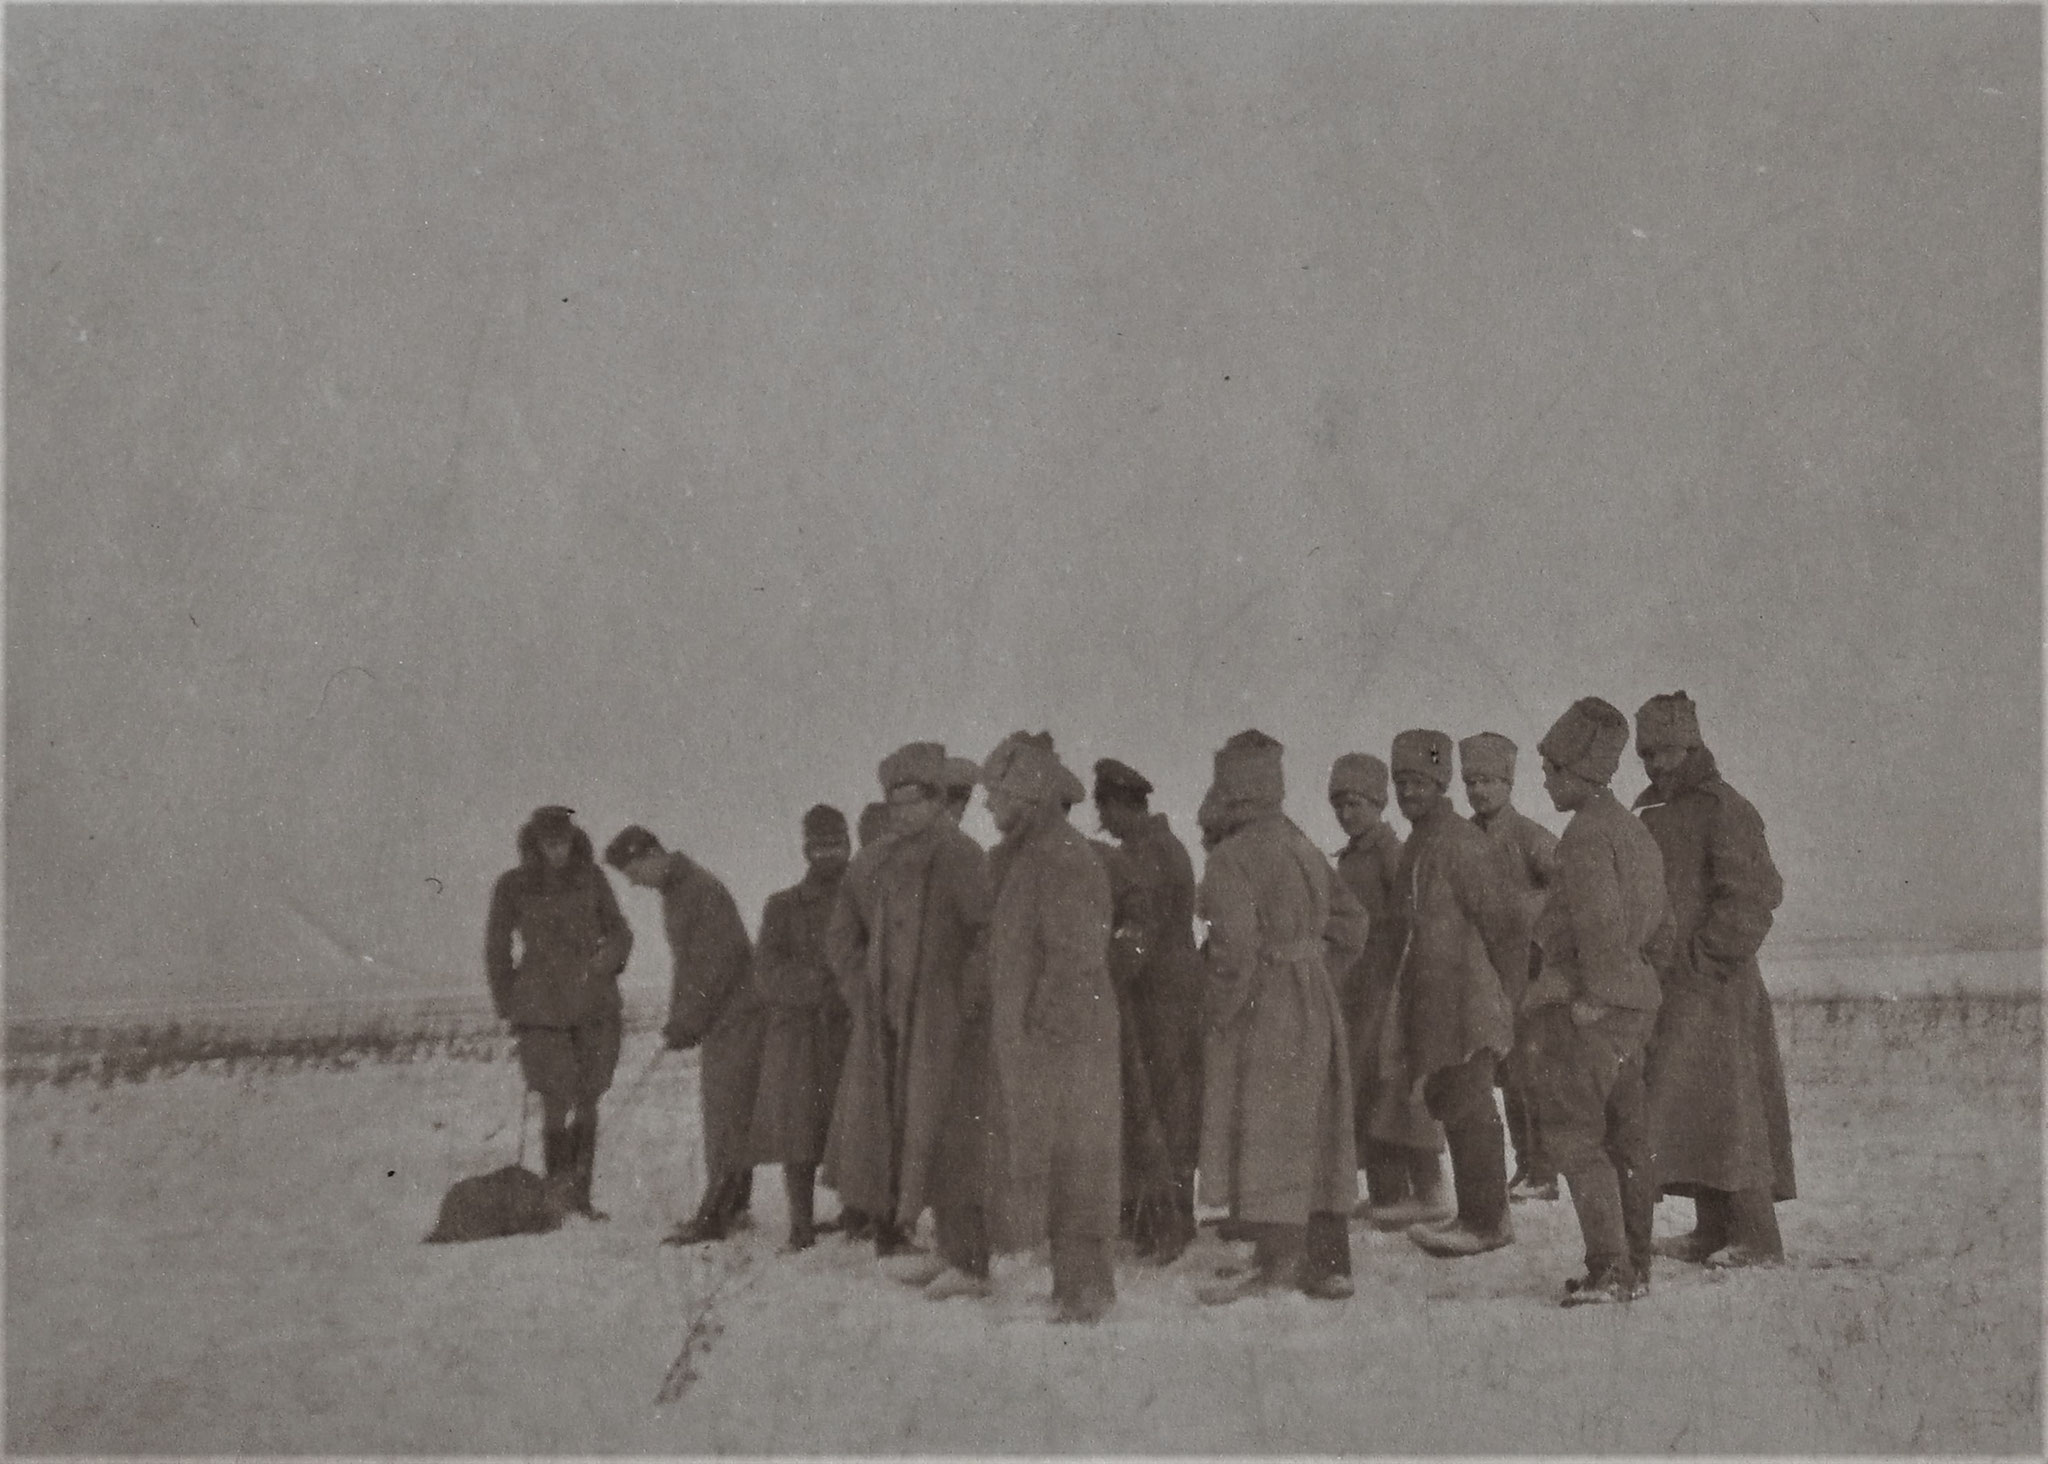 Unsere offiz. Verkehrstelle (mit den Russen) Wysocko 31 12 1917.